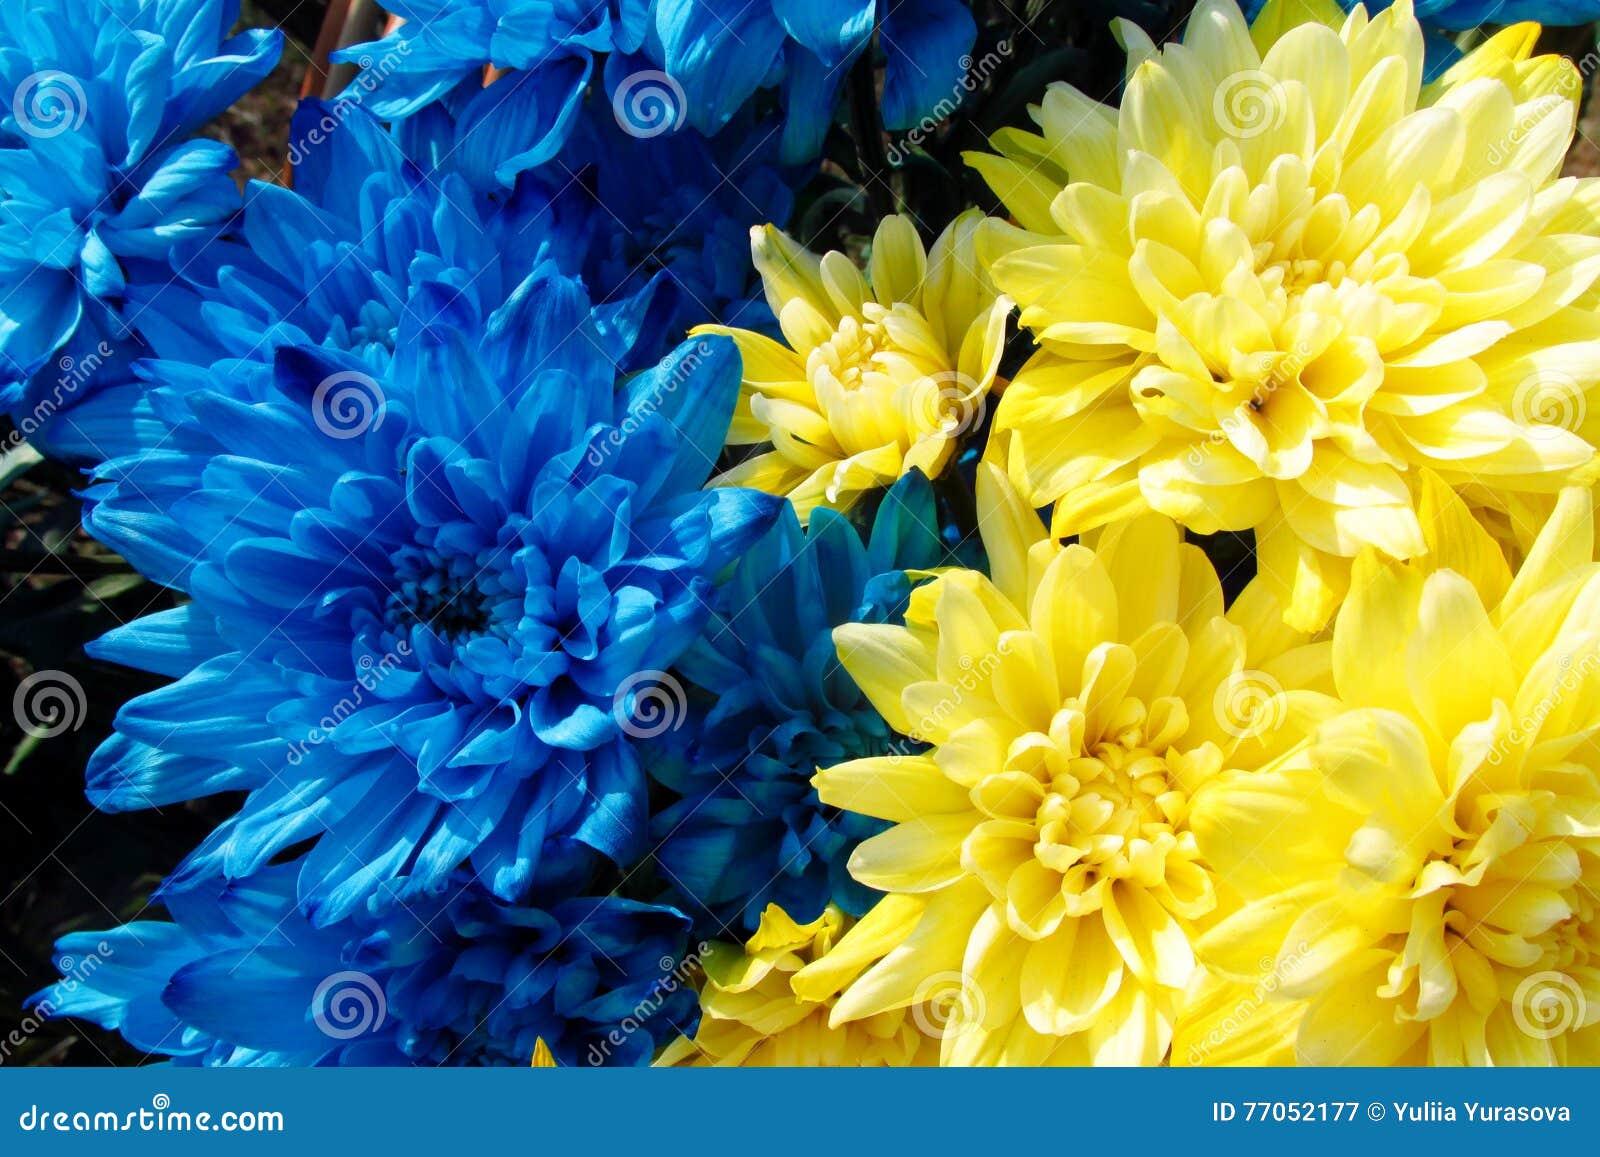 Erfreut Blumen Lebensmittelfarbe Zeitgenössisch - Druckbare ...